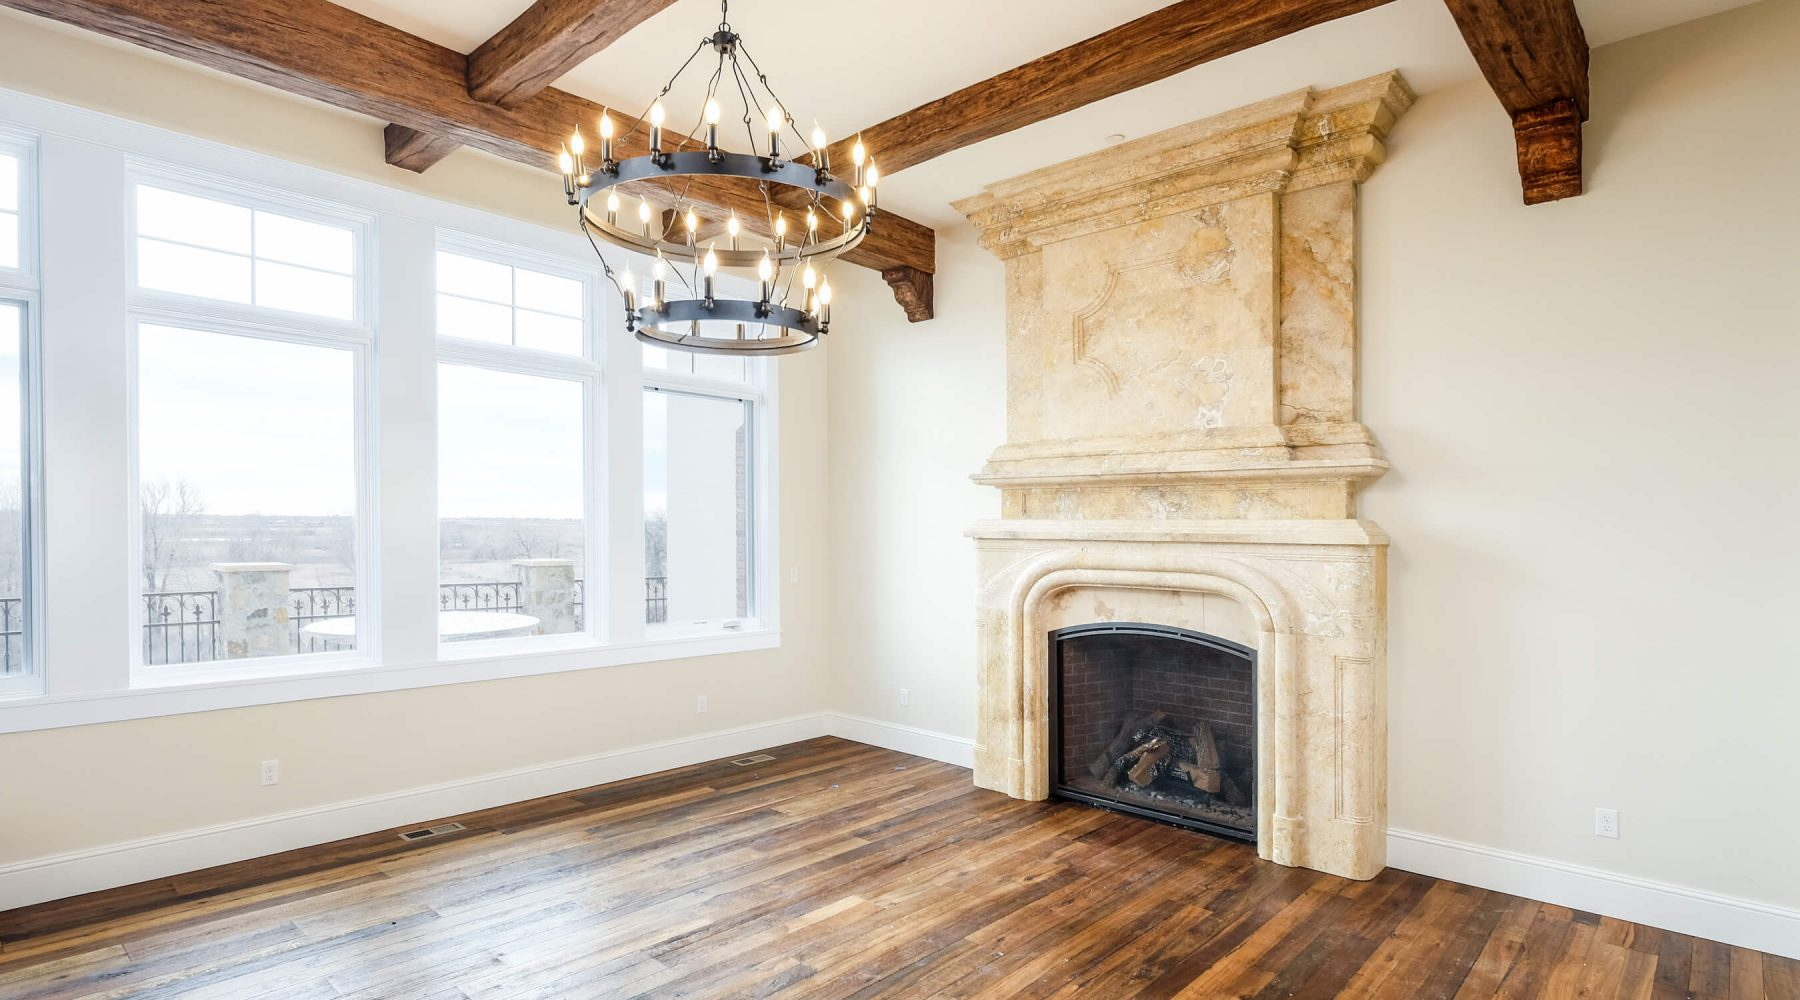 12656 Waterside Ln-1 great room, beams, wood floors fireplace